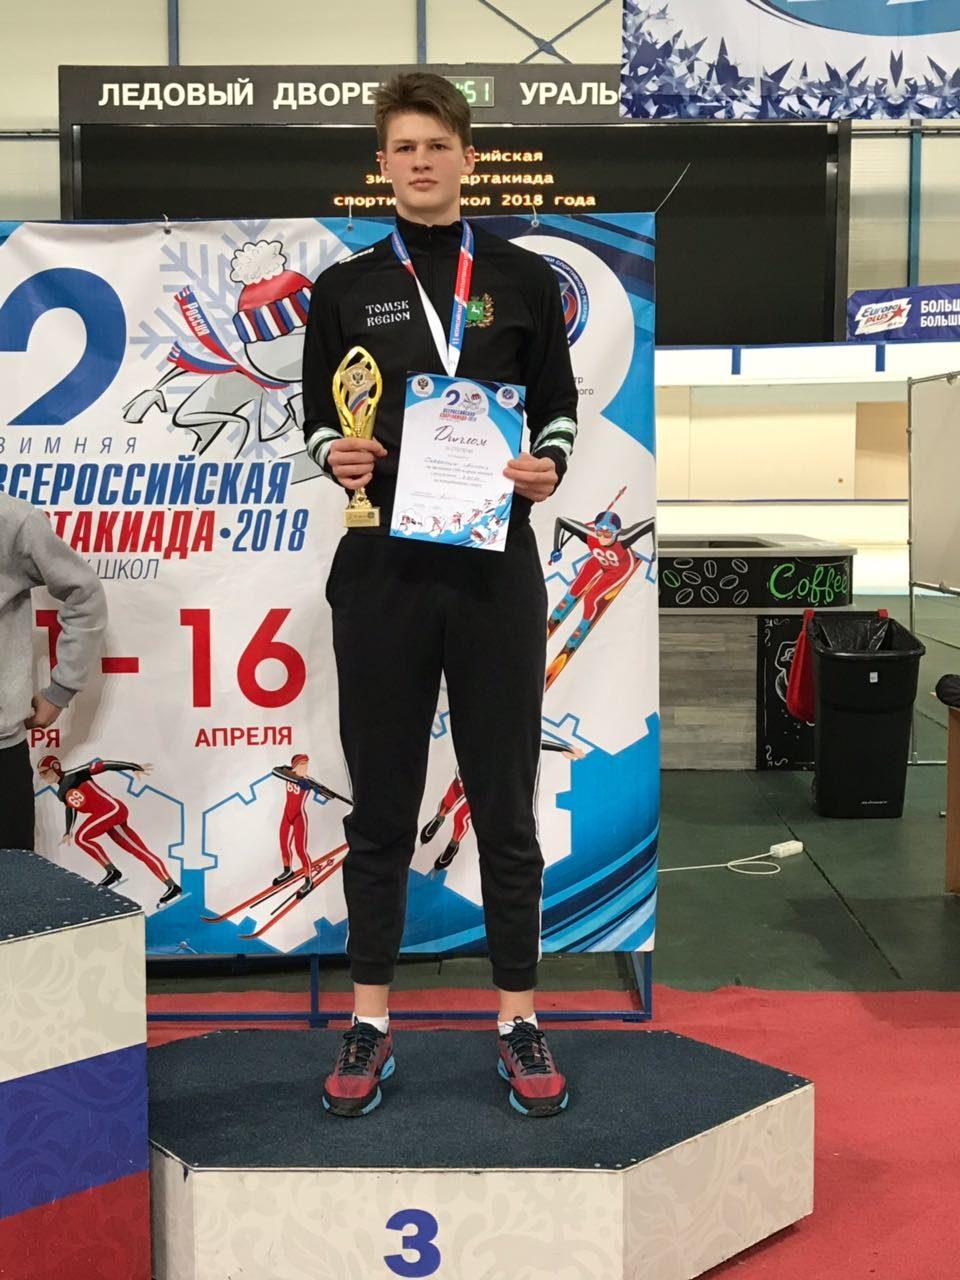 Конькобежцы Михаил Субботин и Александр Слепнев выполнили норматив Мастера Спорта России